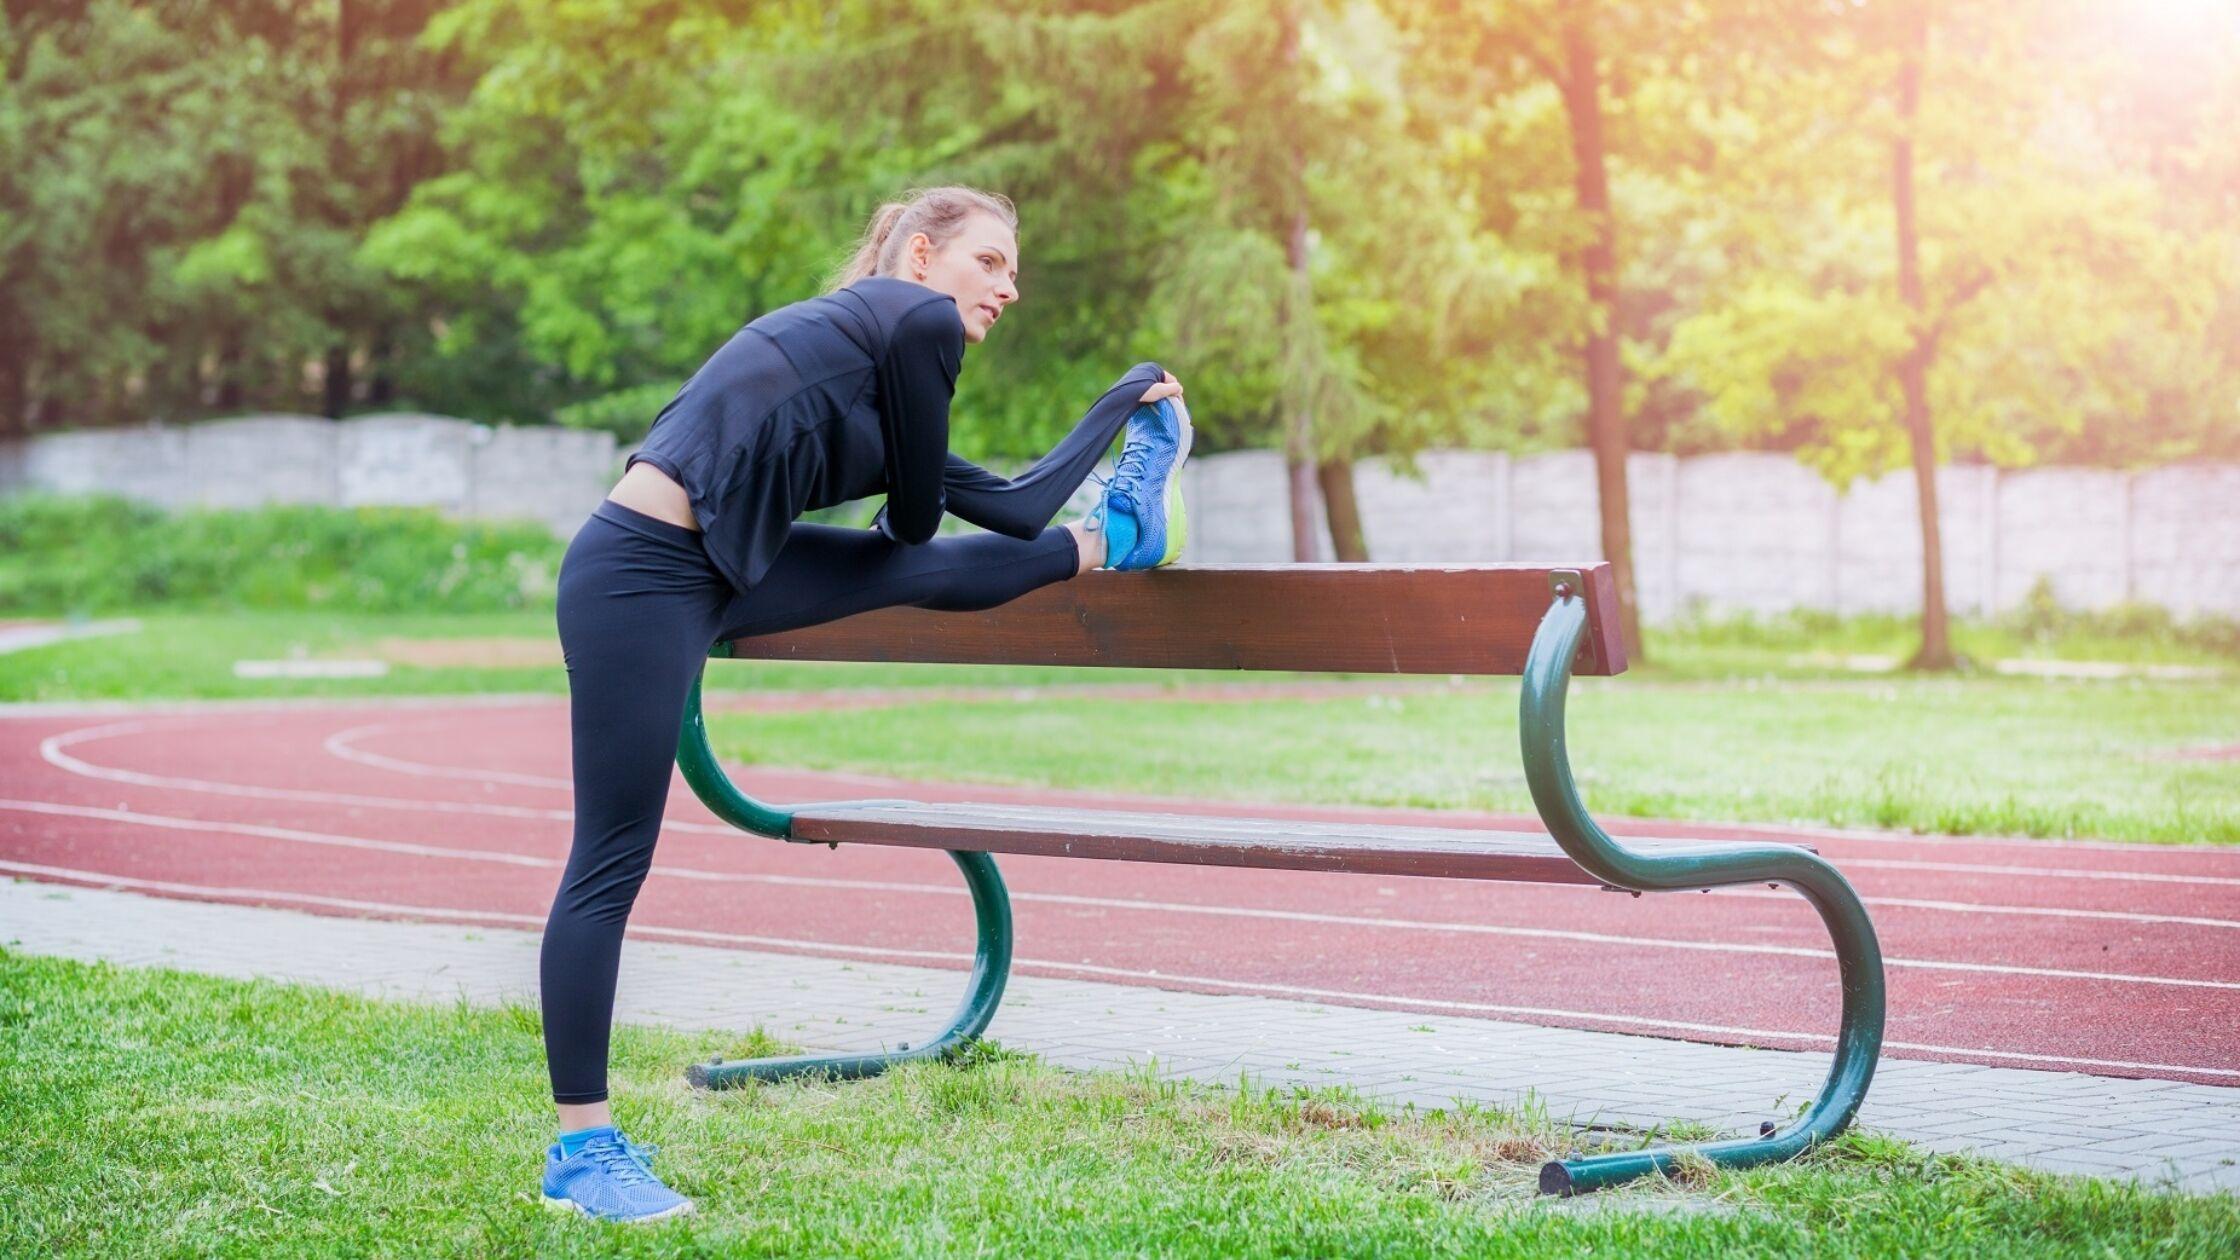 Sporten na de vakantie: doe een beginnerscursus hardlopen!